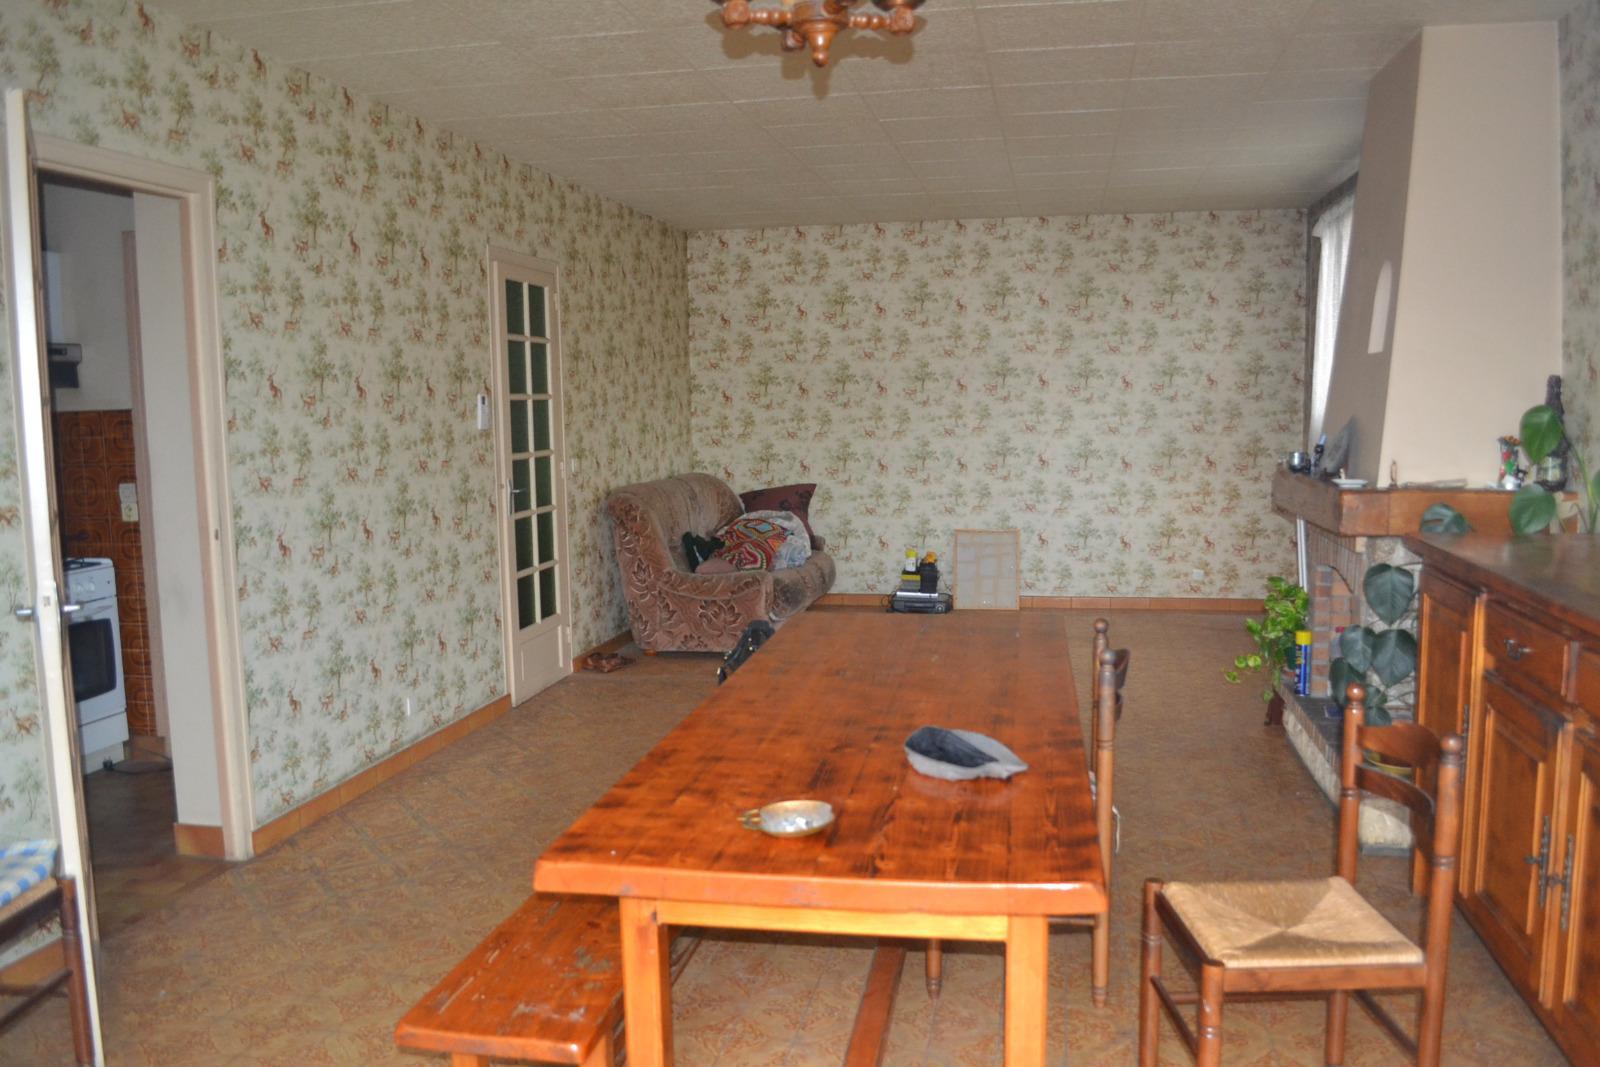 Vente montreuil maison de 191 76 avec atelier for Vente maison avec atelier